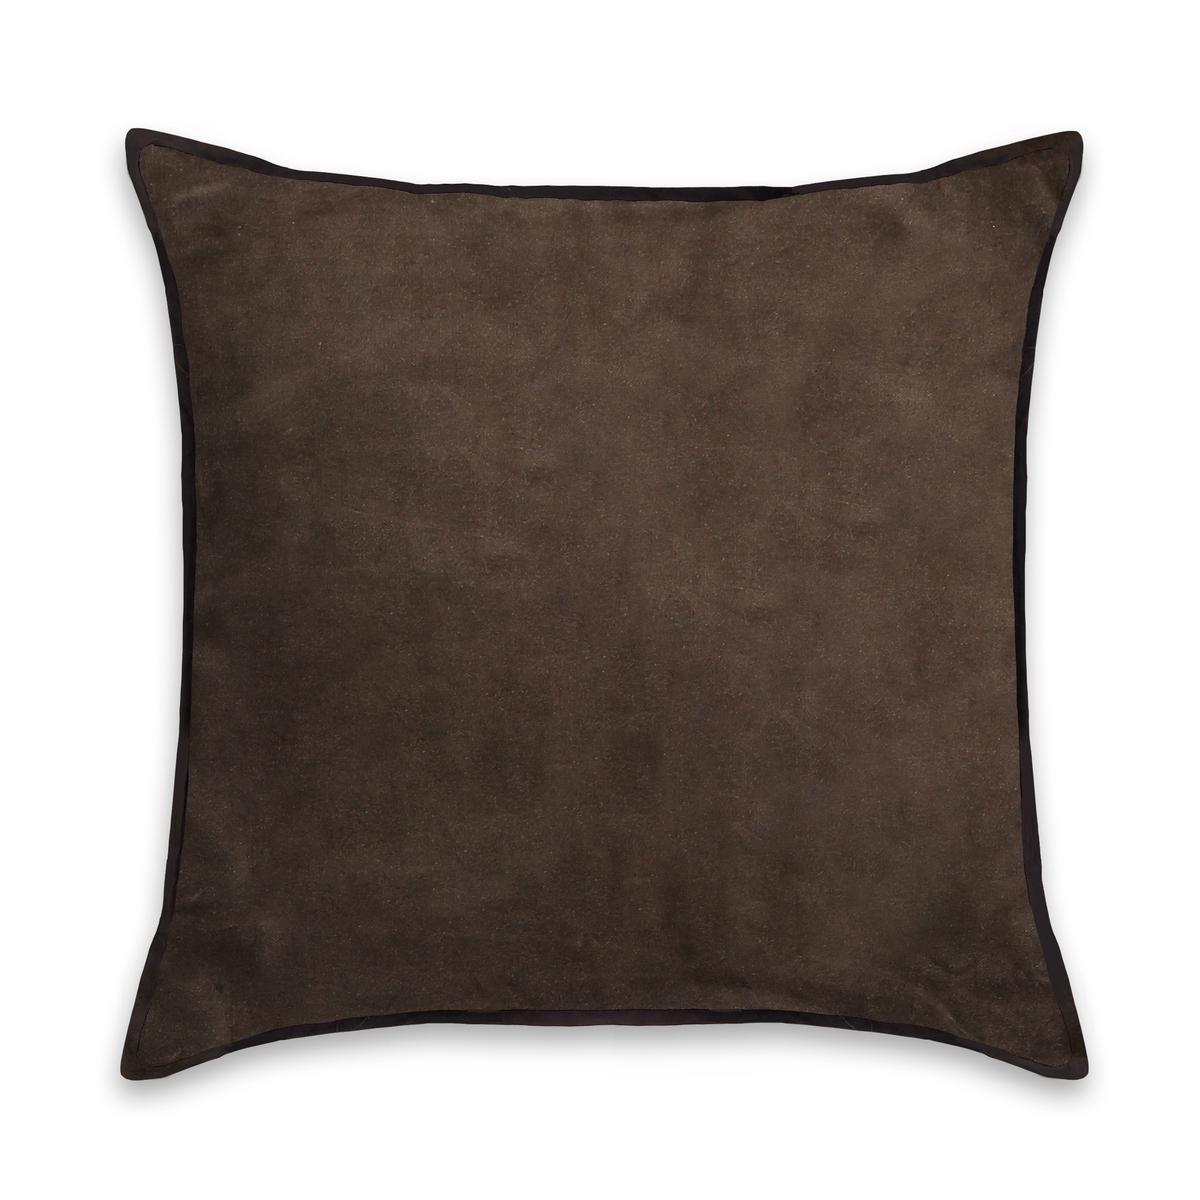 Чехол на подушку-валик из велюра, V?livole<br><br>Цвет: гранатовый,желтый горчичный,серо-коричневый,синий морской